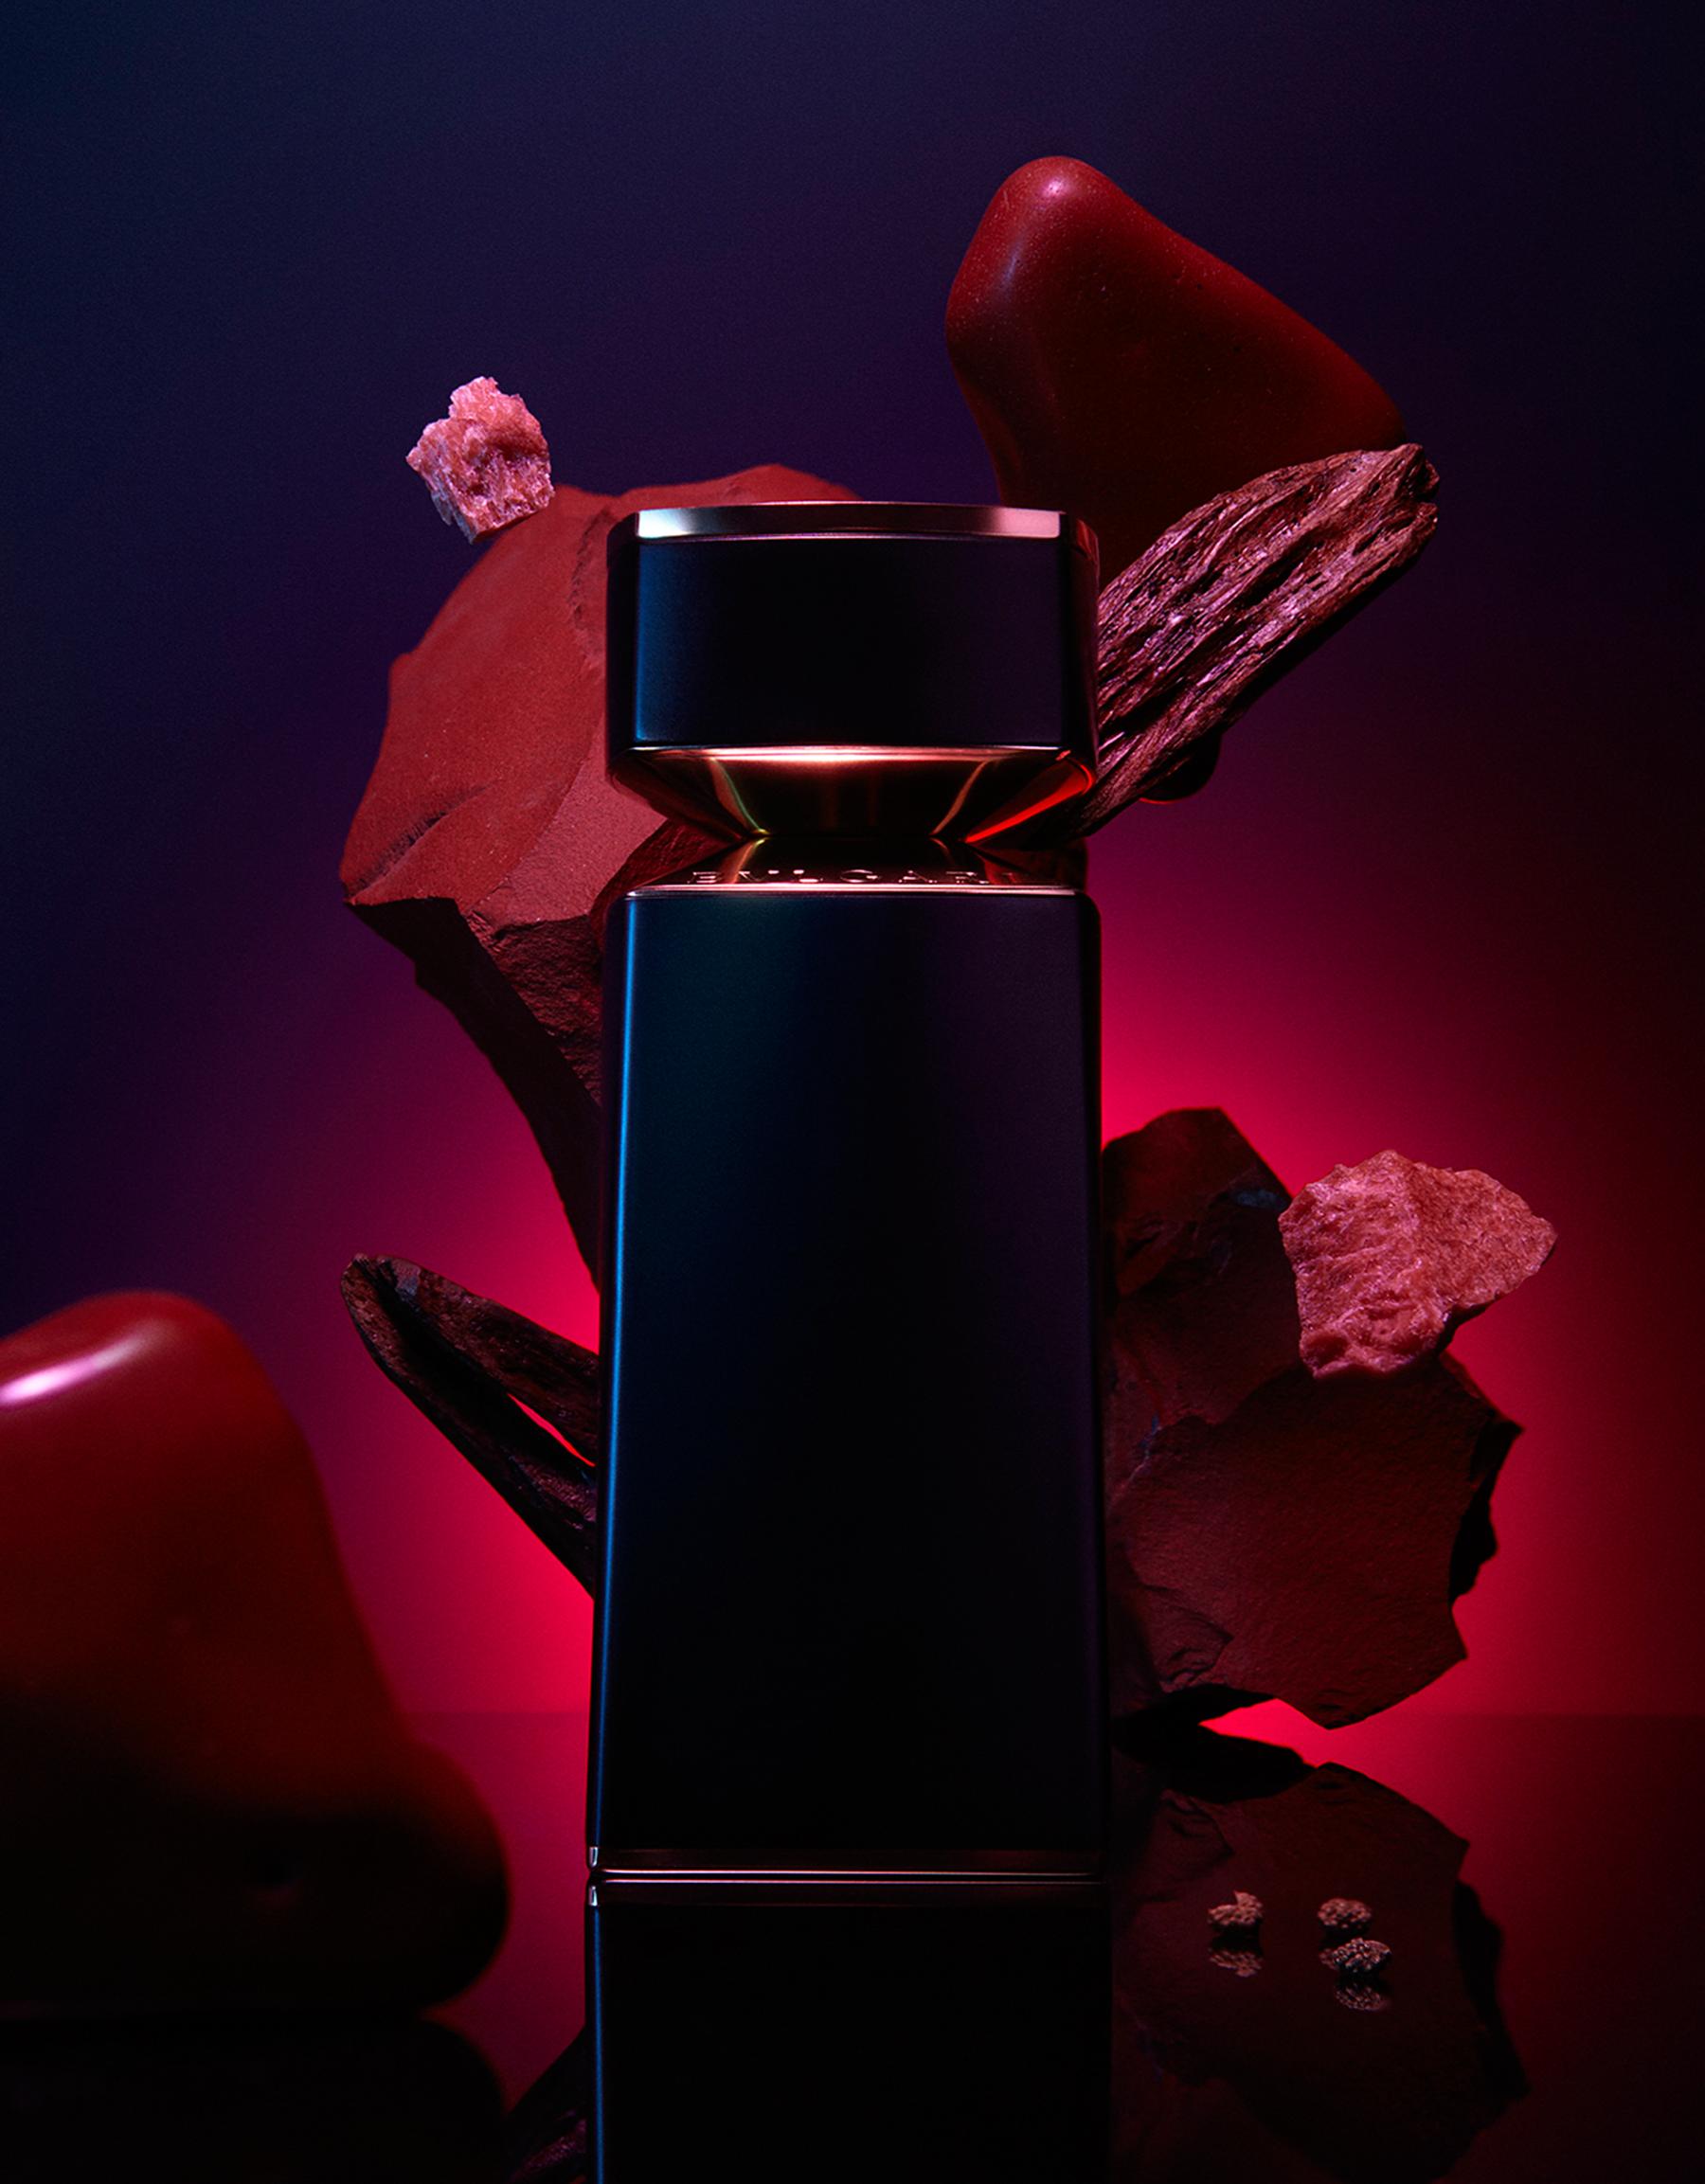 Соблазнительный восточный аромат на основе красного мускуса с сияющим сердцем сандалового дерева, приправленного сычуаньским перцем 40171 image 3